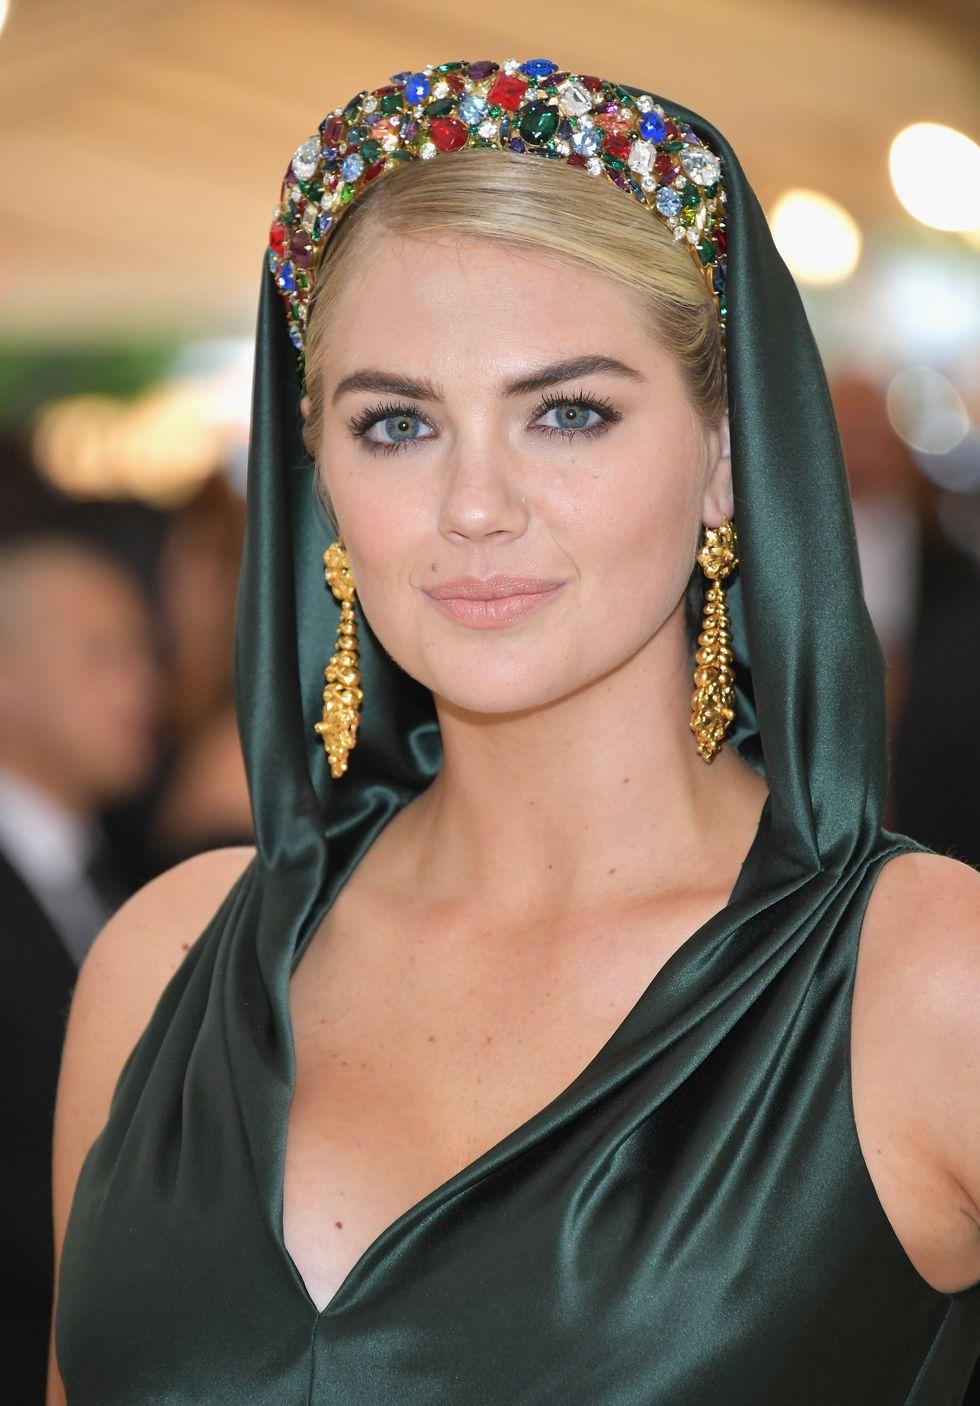 Những nữ thần hạ thế đẹp nhất thánh đường thời trang - 3